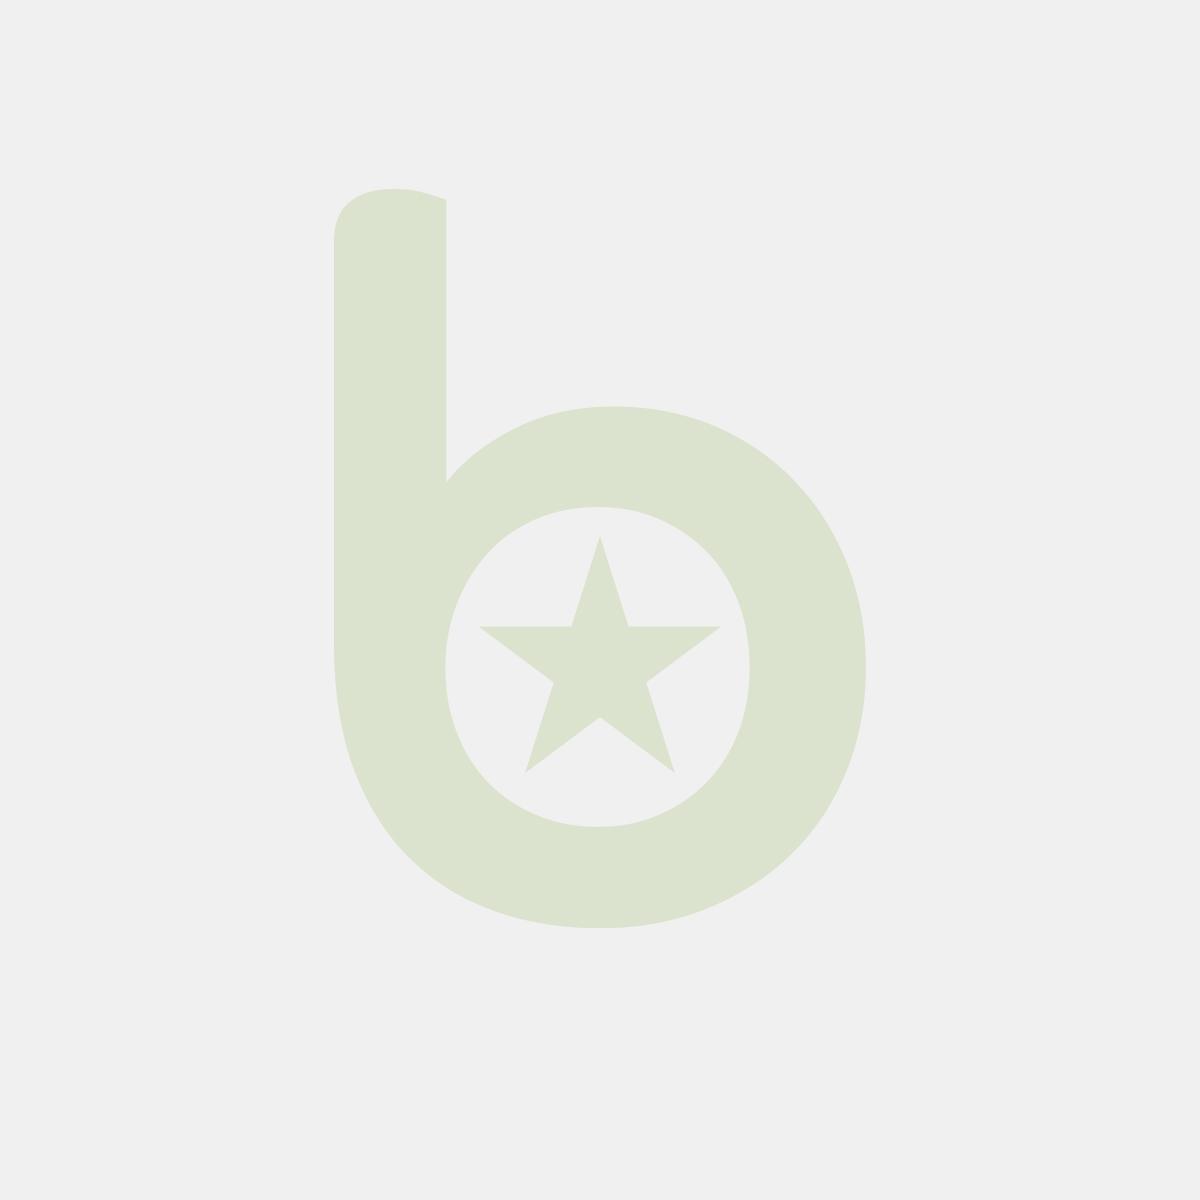 Worki polipropylenowe (PP) 80x180cm (200g) cena za 100szt